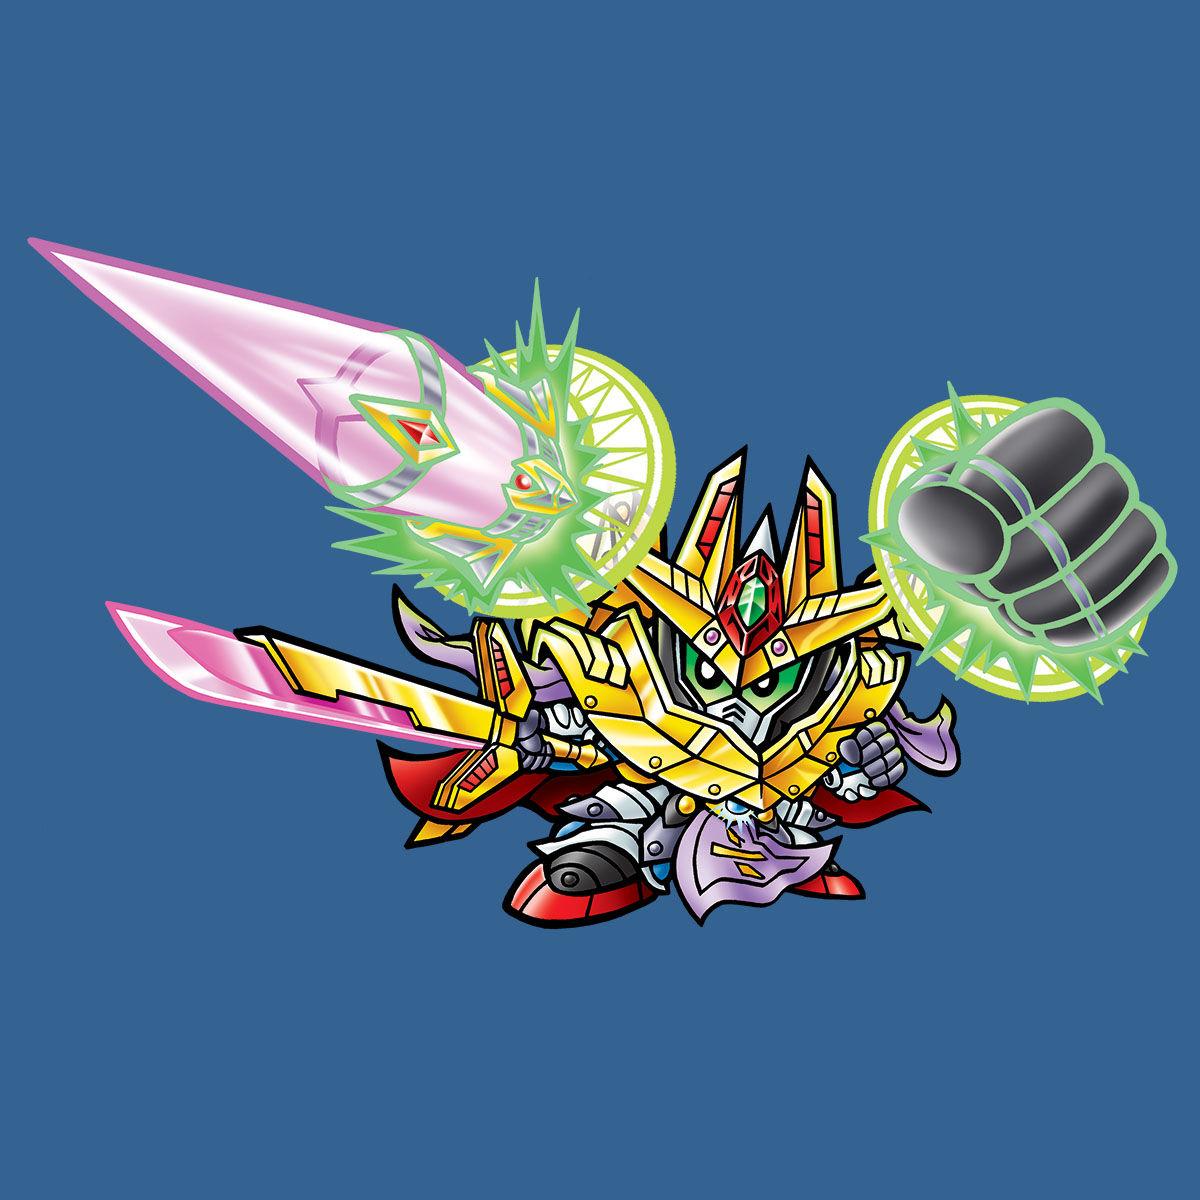 【限定販売】新約SDガンダム外伝『創世超竜譚 奇跡の二大超越竜皇』カードダス-008